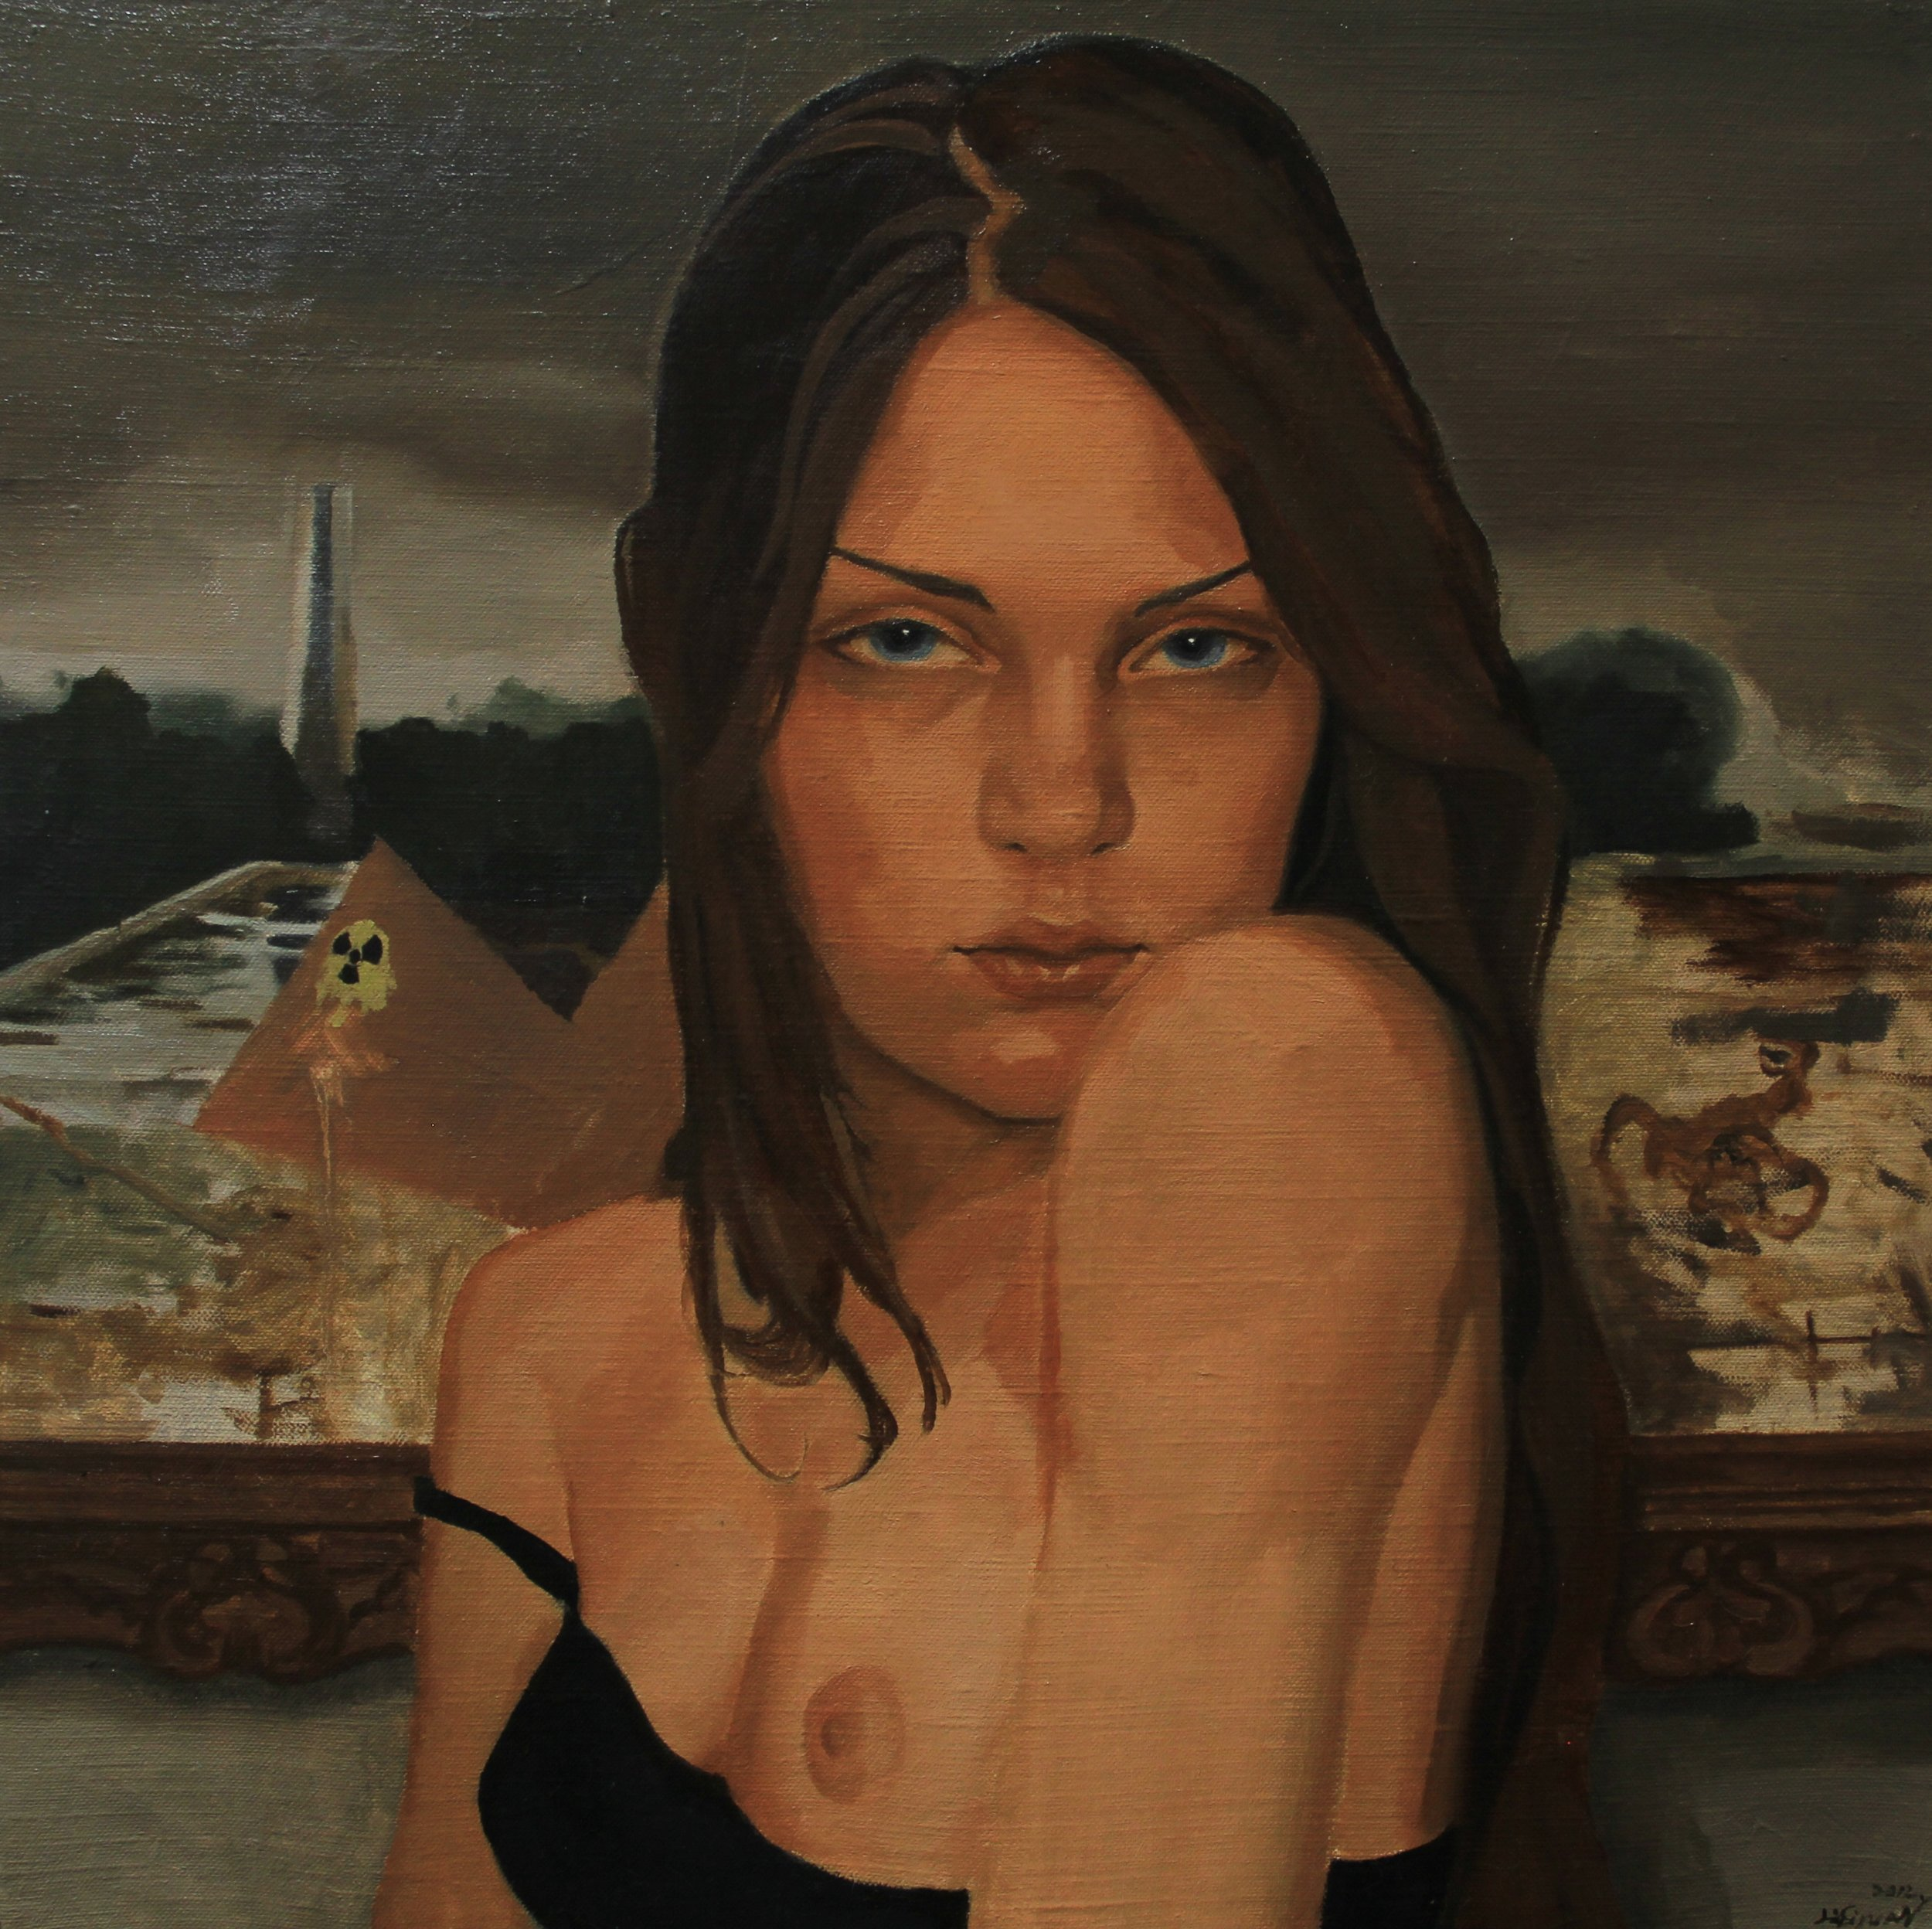 Girl,2012, 60cm x 60cm, Oil on canvas.jpg